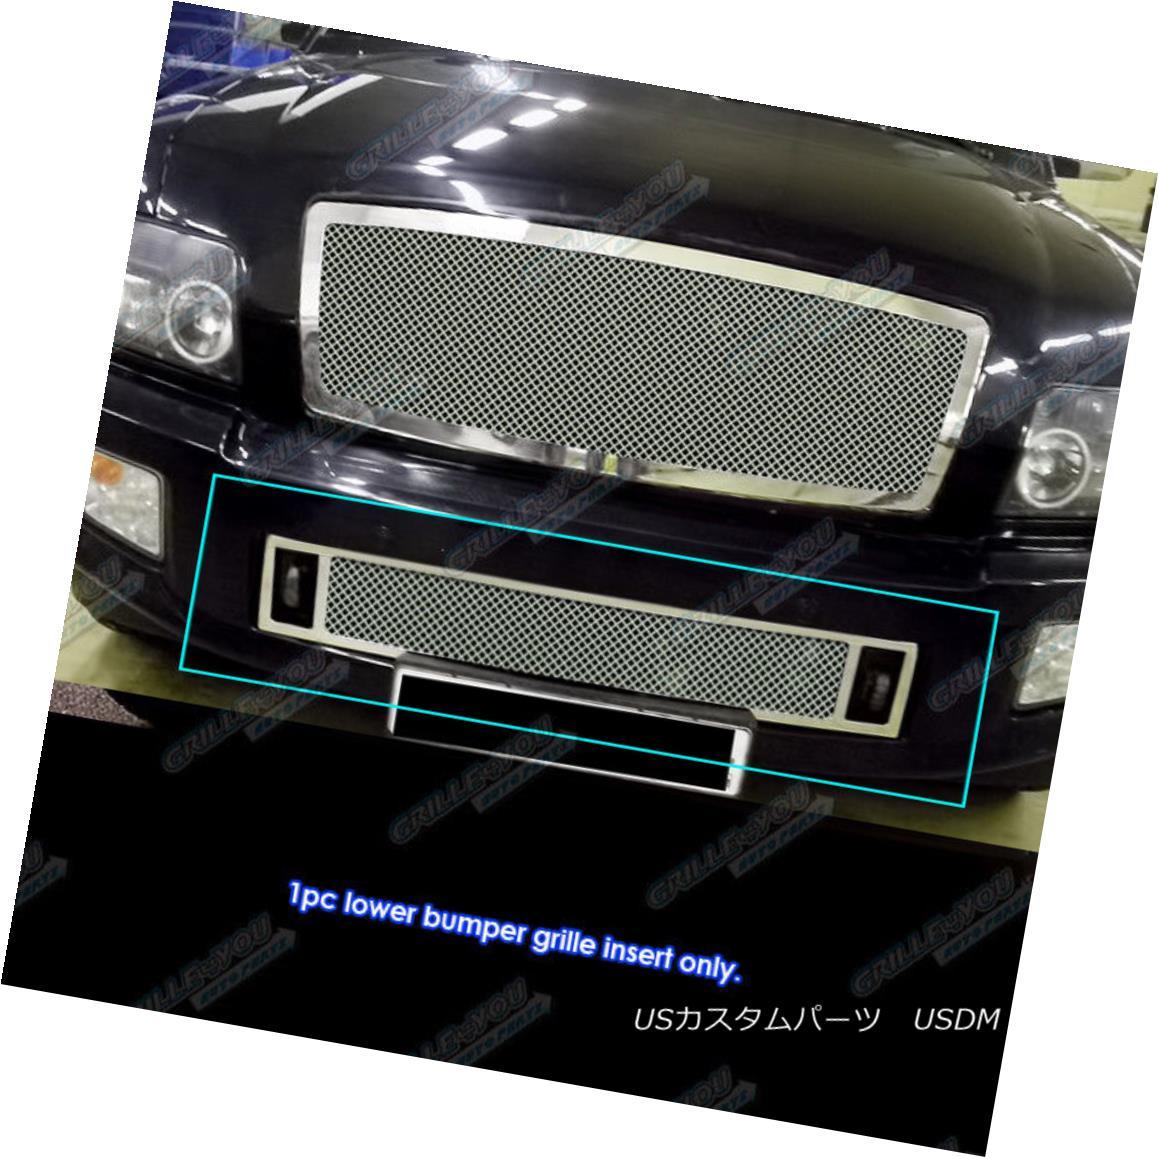 グリル Fits 04-10 Infiniti QX56 Lower Bumper Stainless Steel Mesh Grille フィット04-10インフィニティQX56ロワーバンパーステンレスメッシュグリル